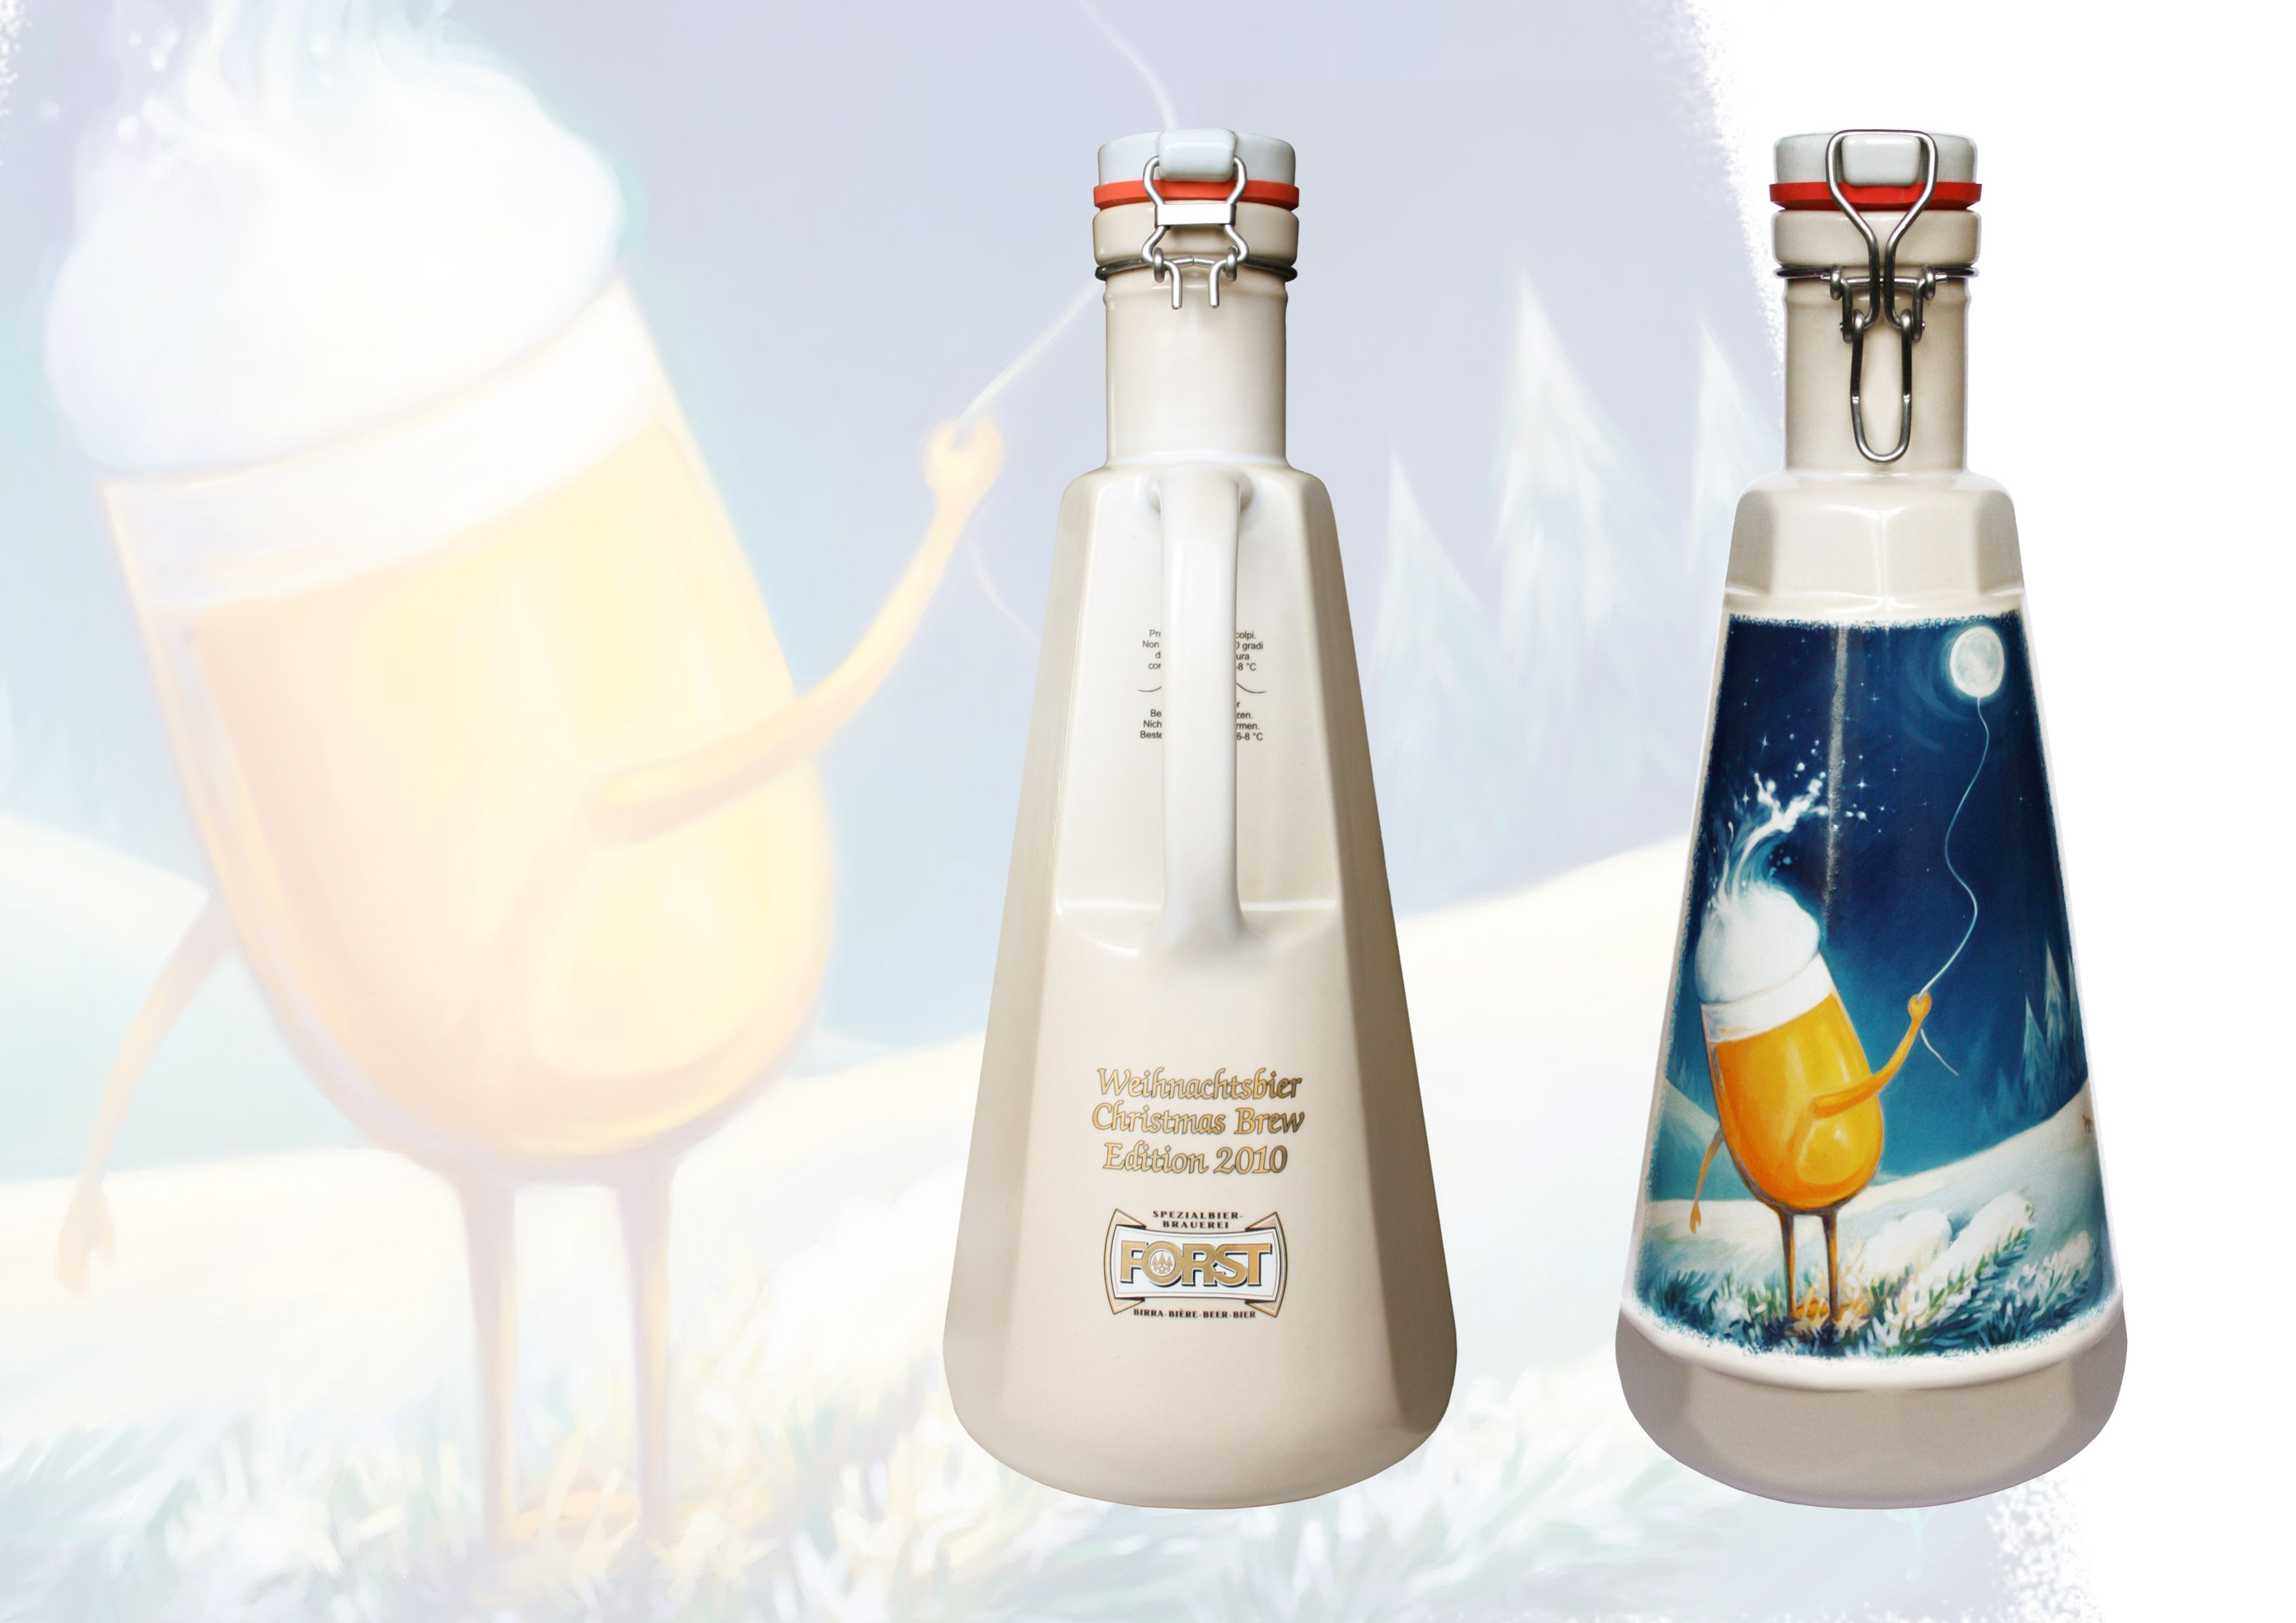 mondobirra.org - La Birra di Natale di FORST, un regalo unico e